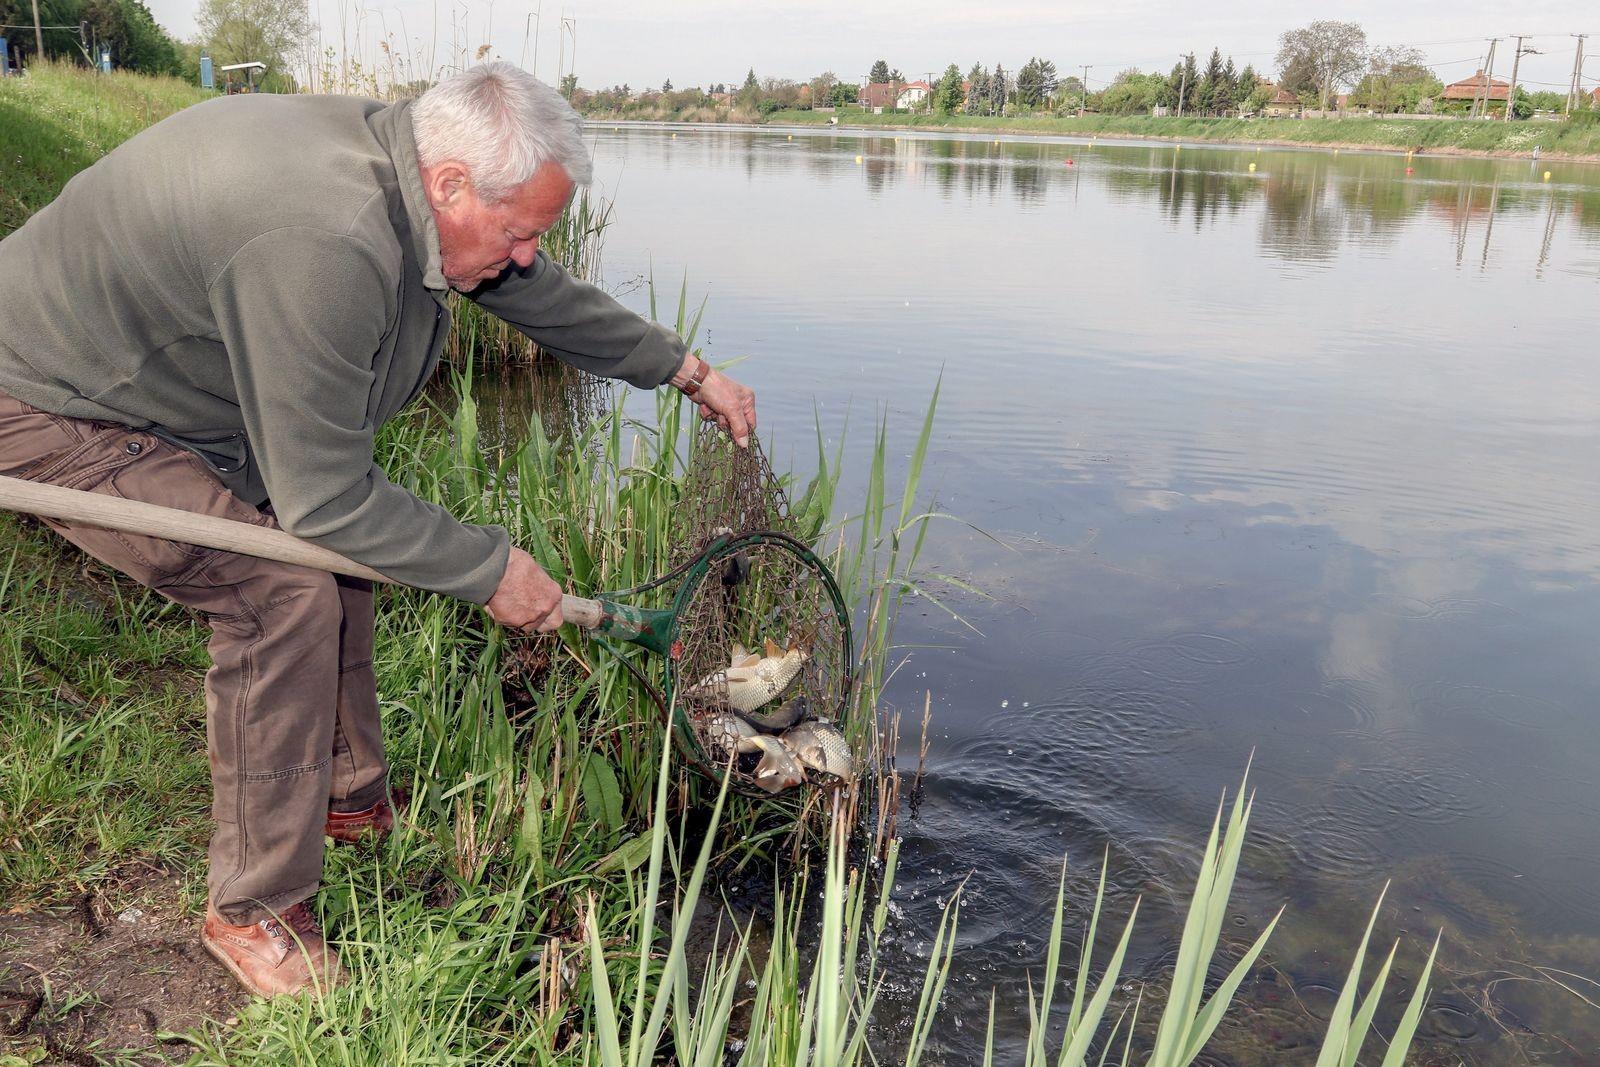 Harmincmillió forintot fordít halasításra idén a Tisza Horgászegyesület